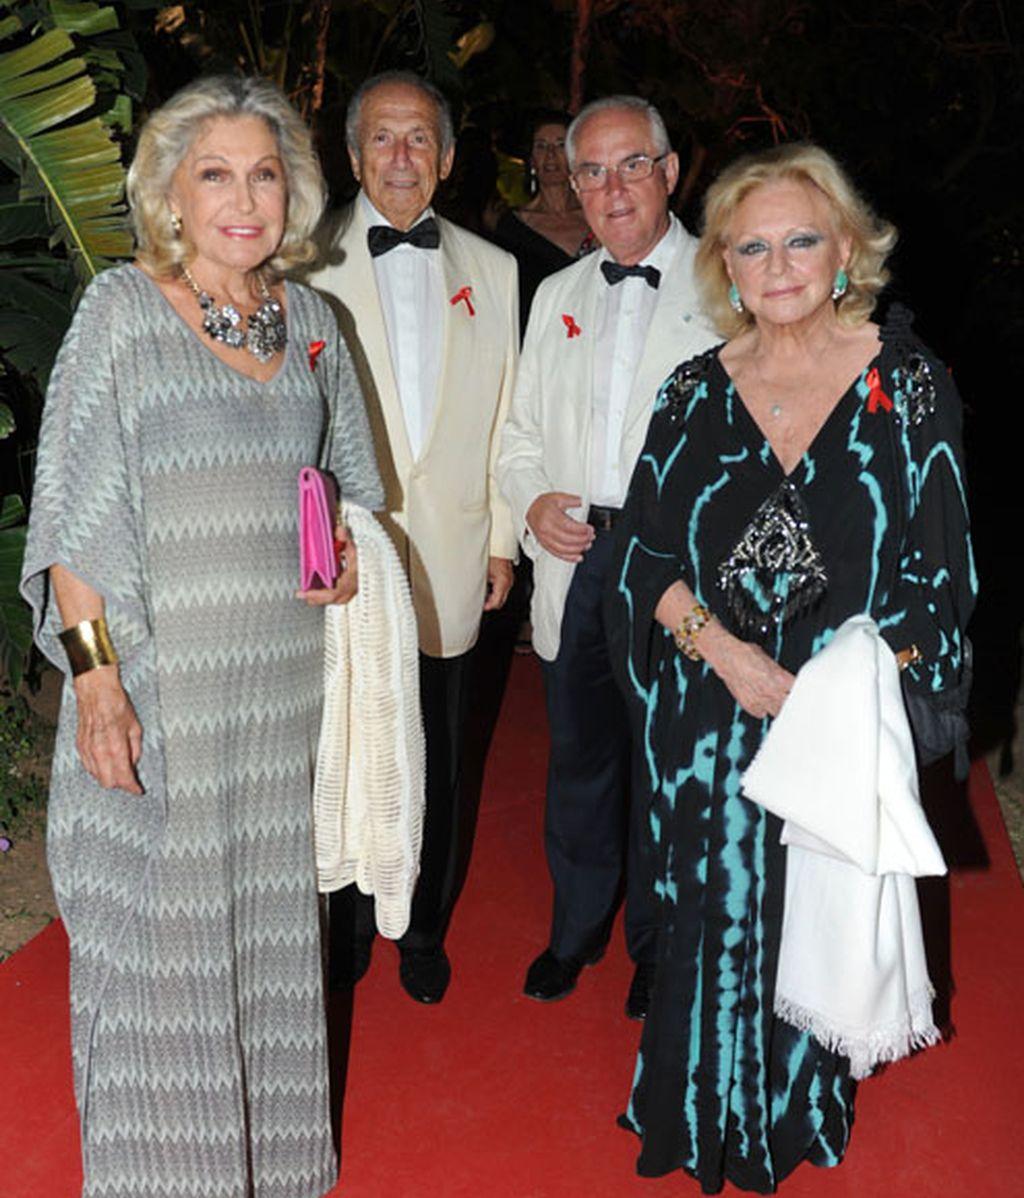 La princesa Beatriz de Orleans acudió con unos amigos